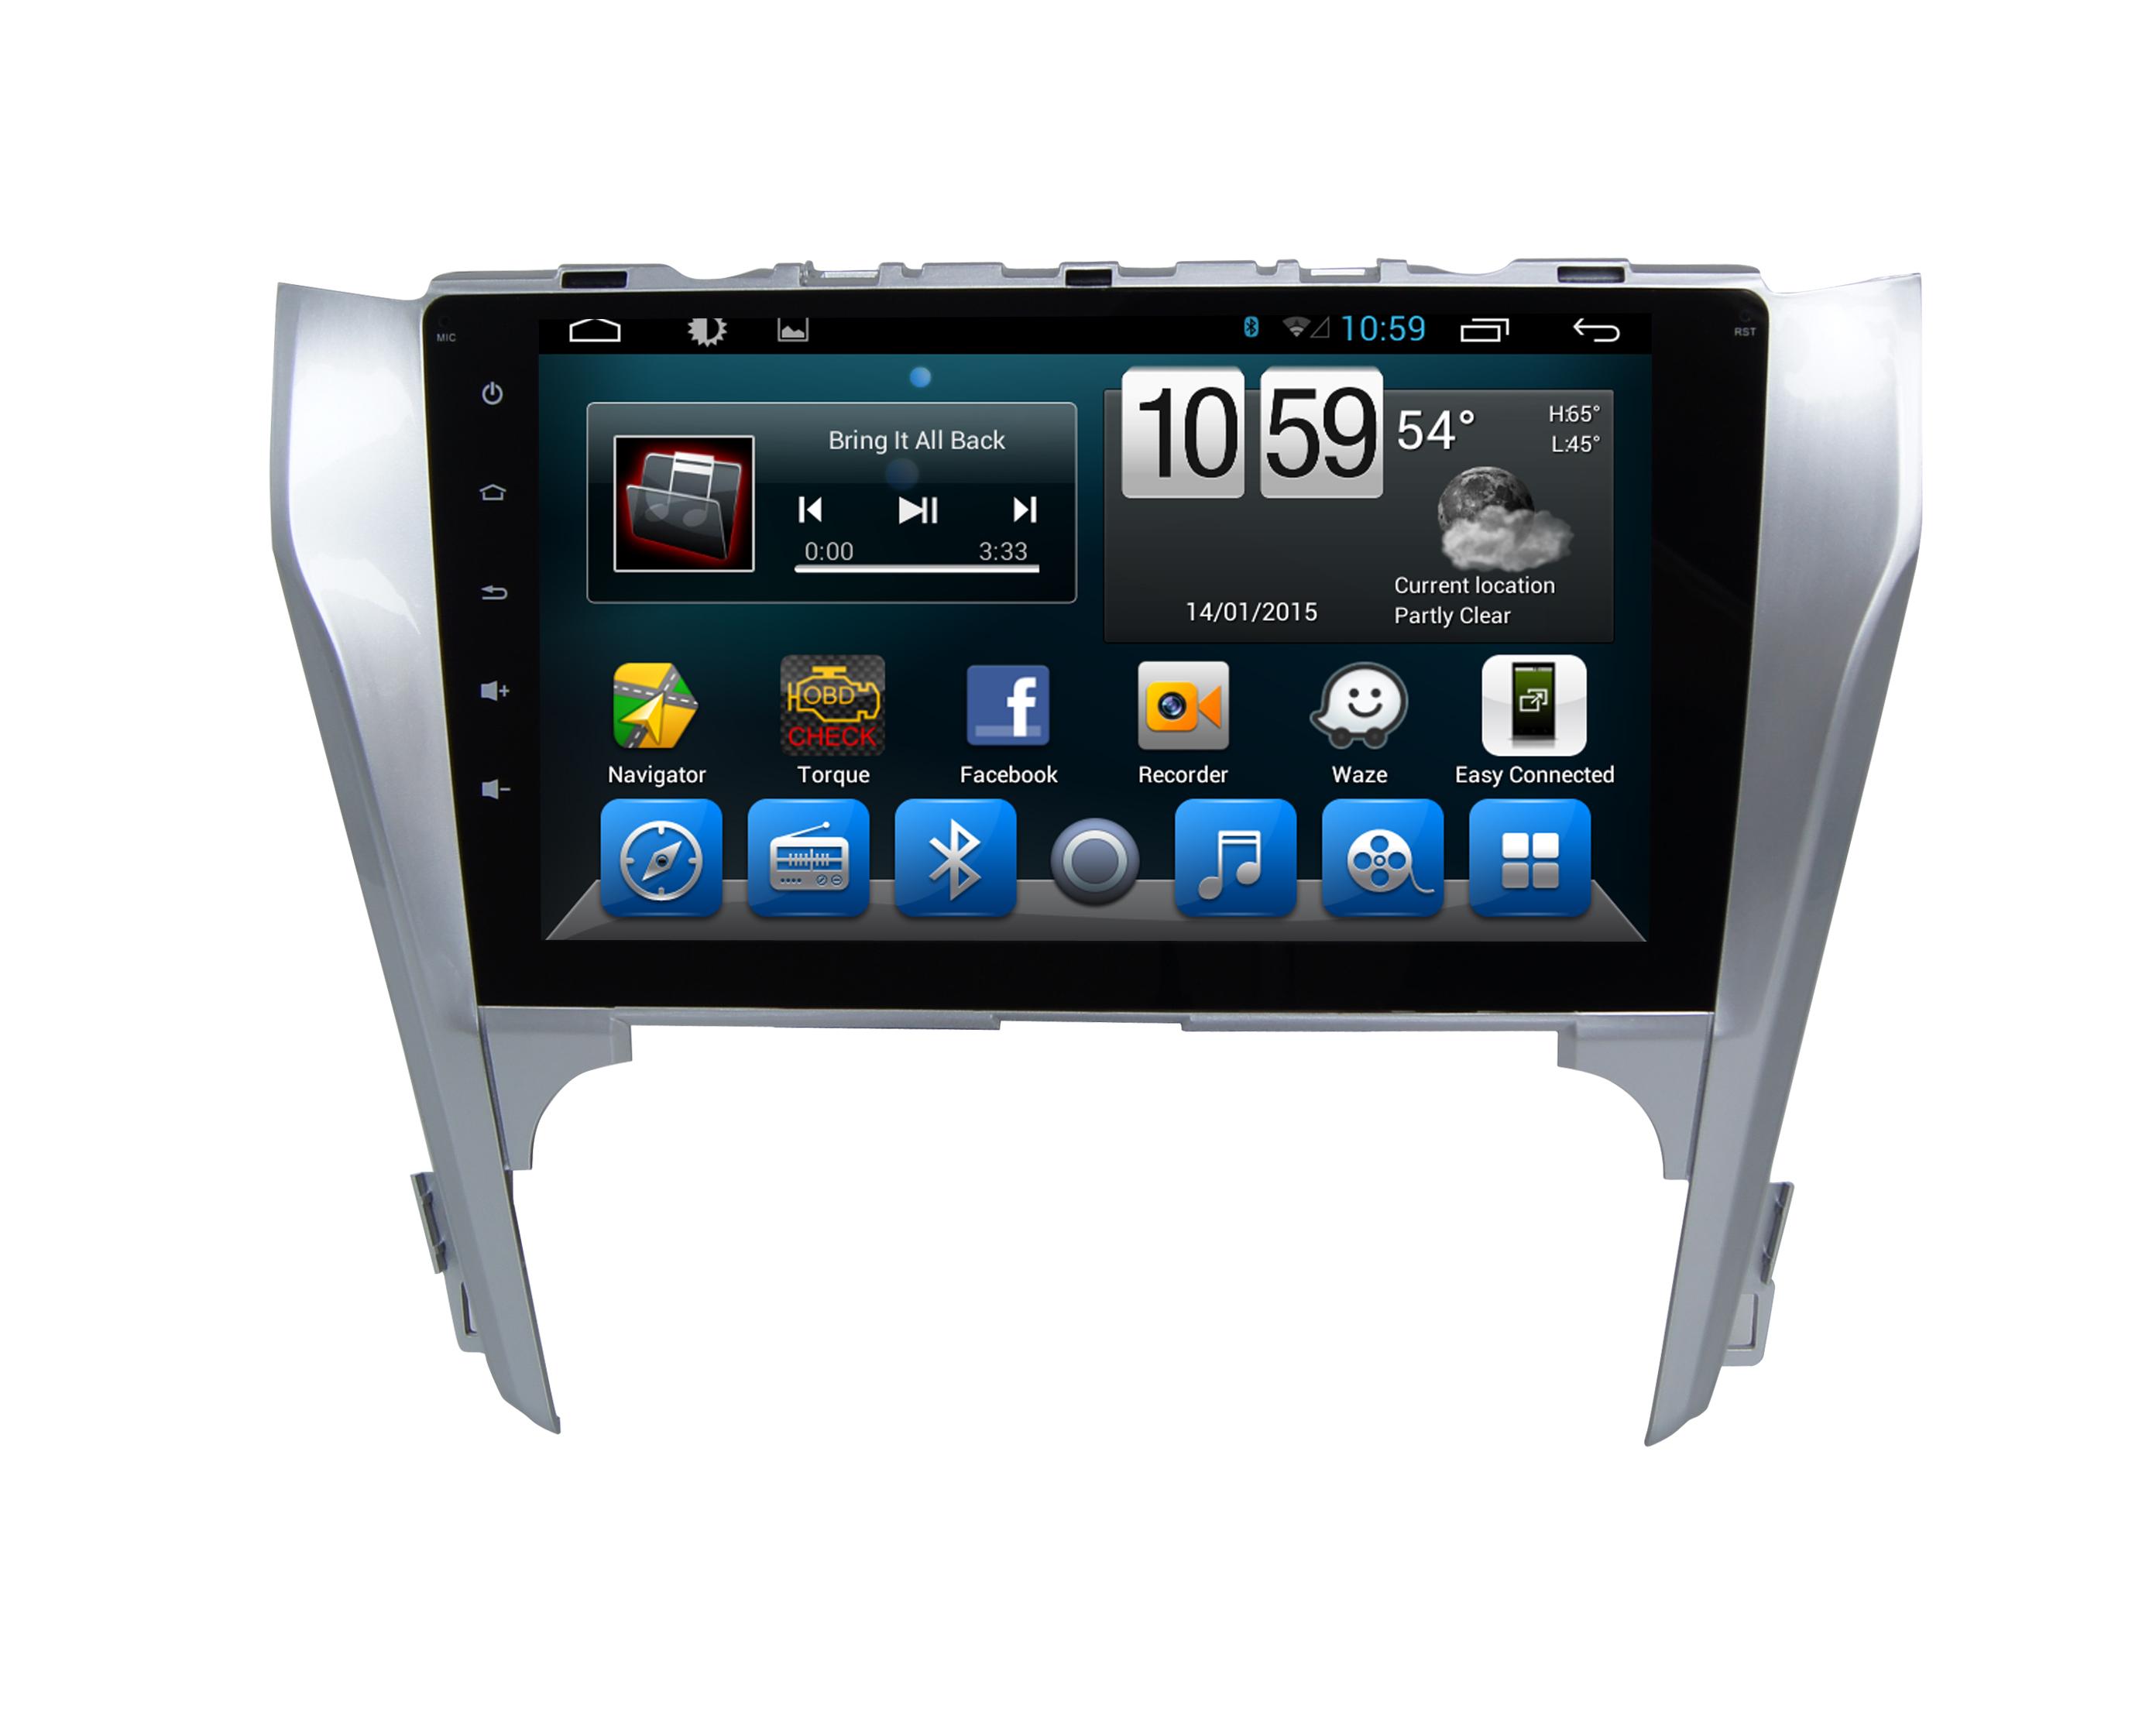 Штатная магнитола CARMEDIA QR-1017-T8 Toyota Camry 2011-2014 (V50) поддержка штатного усилителя и настроек машины на OC Android 7.1.2 / 8.1 штатная магнитола carmedia nm px004 camry 11 2011 v50 v55